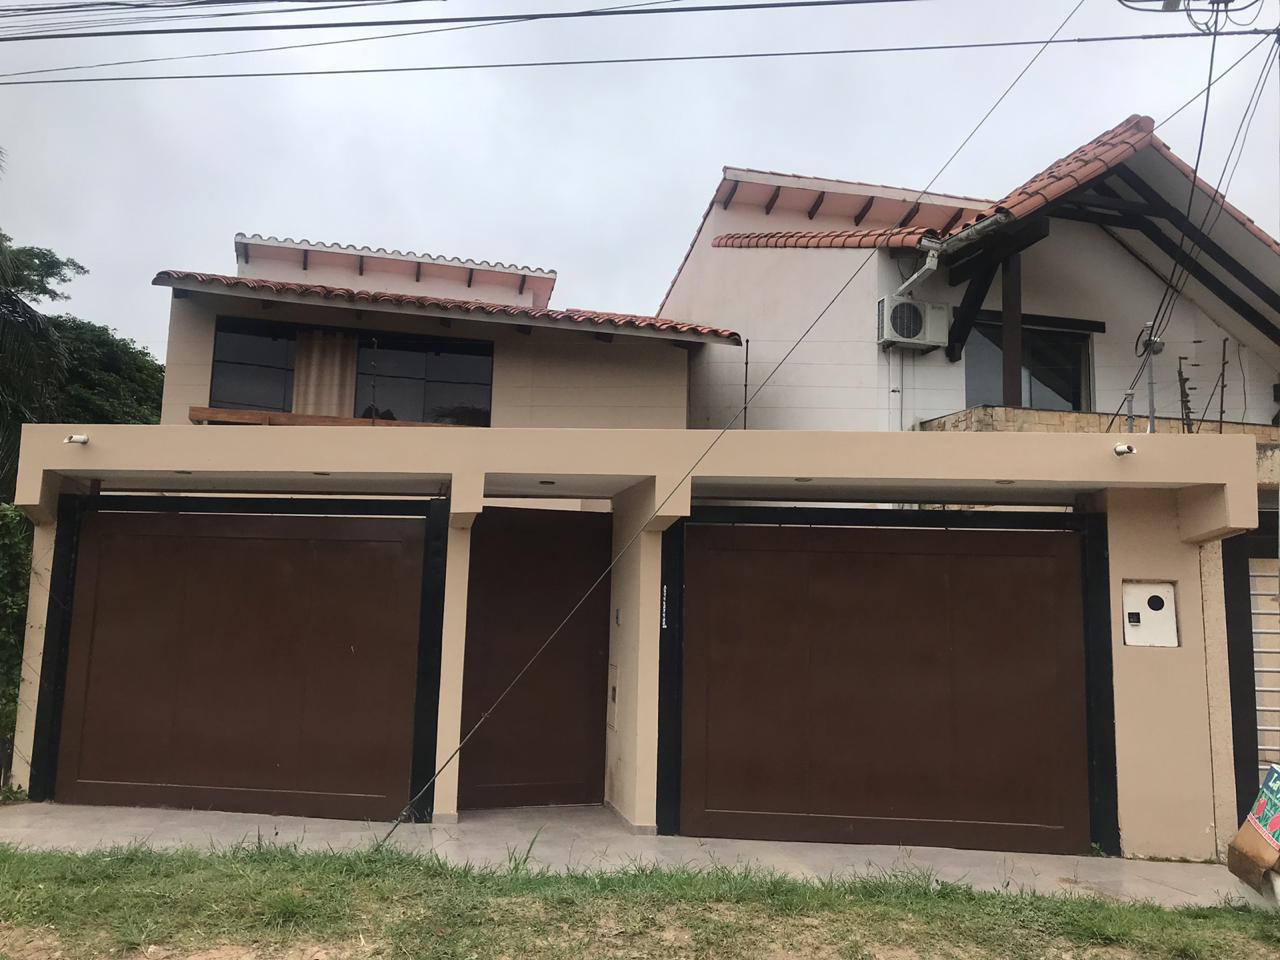 Casa en Venta AV. Hilanderia entre 4to y 5to anillo, entre Av. Pirai y Radial 17/5 Foto 1